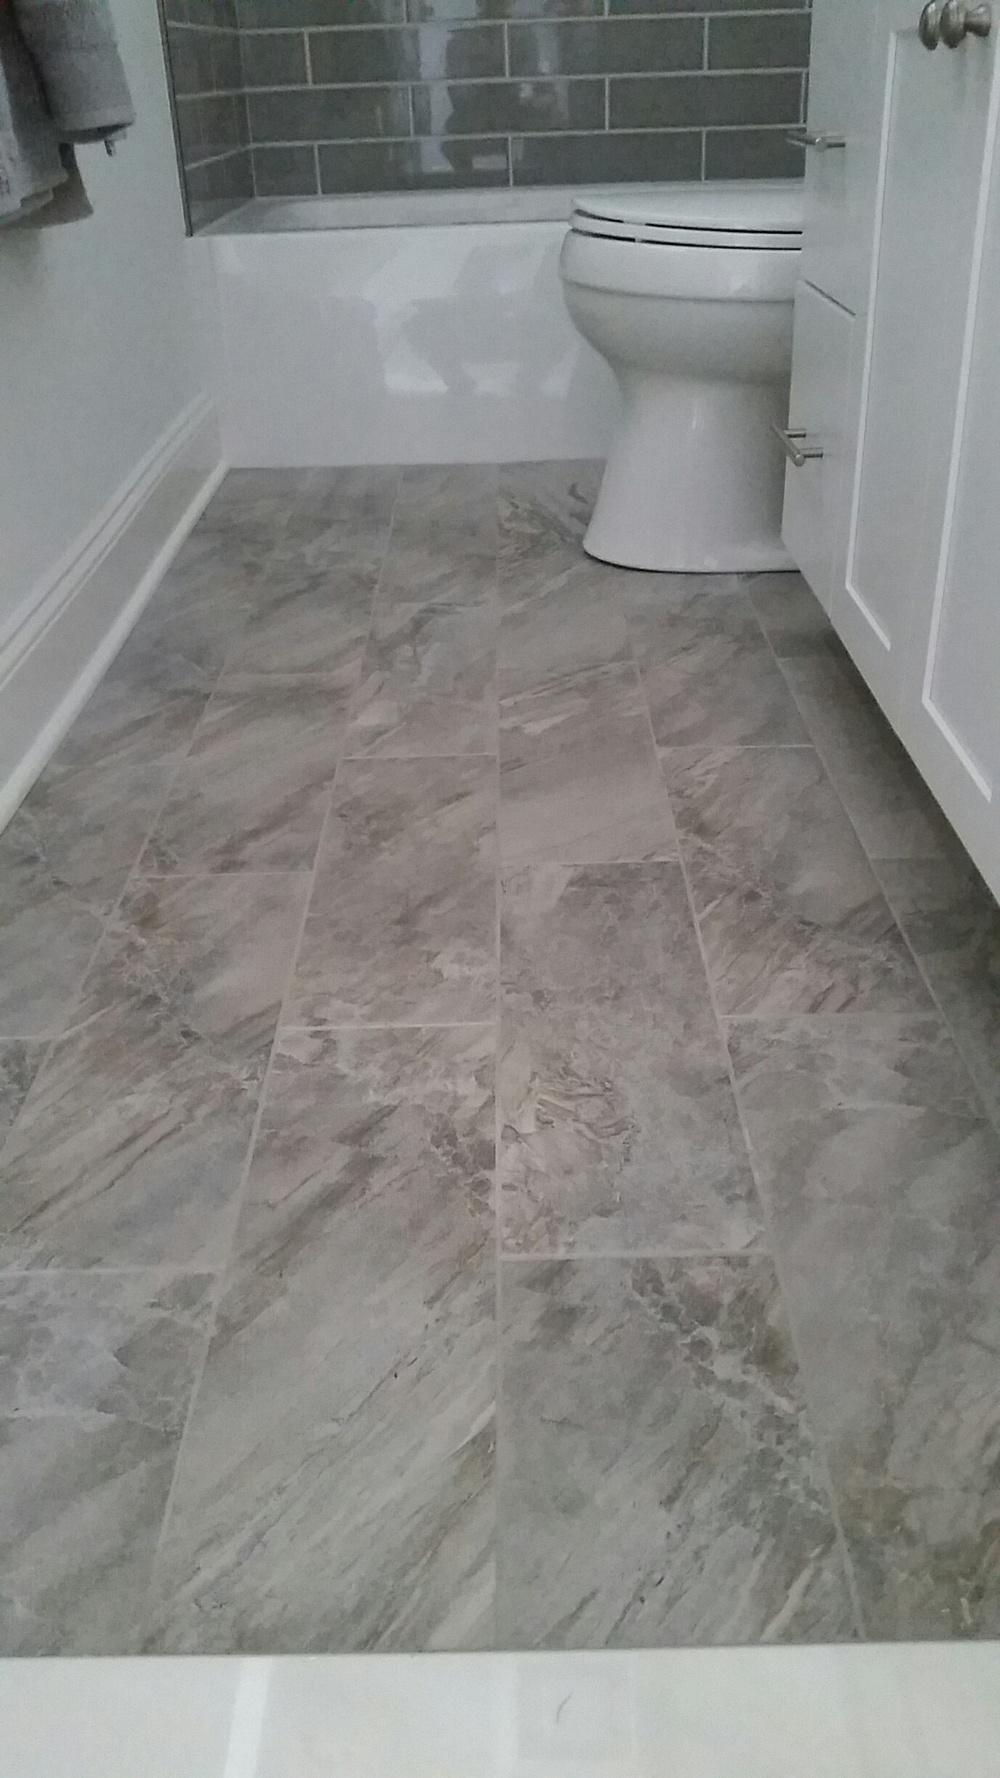 Kargo ceramic tile flooring.